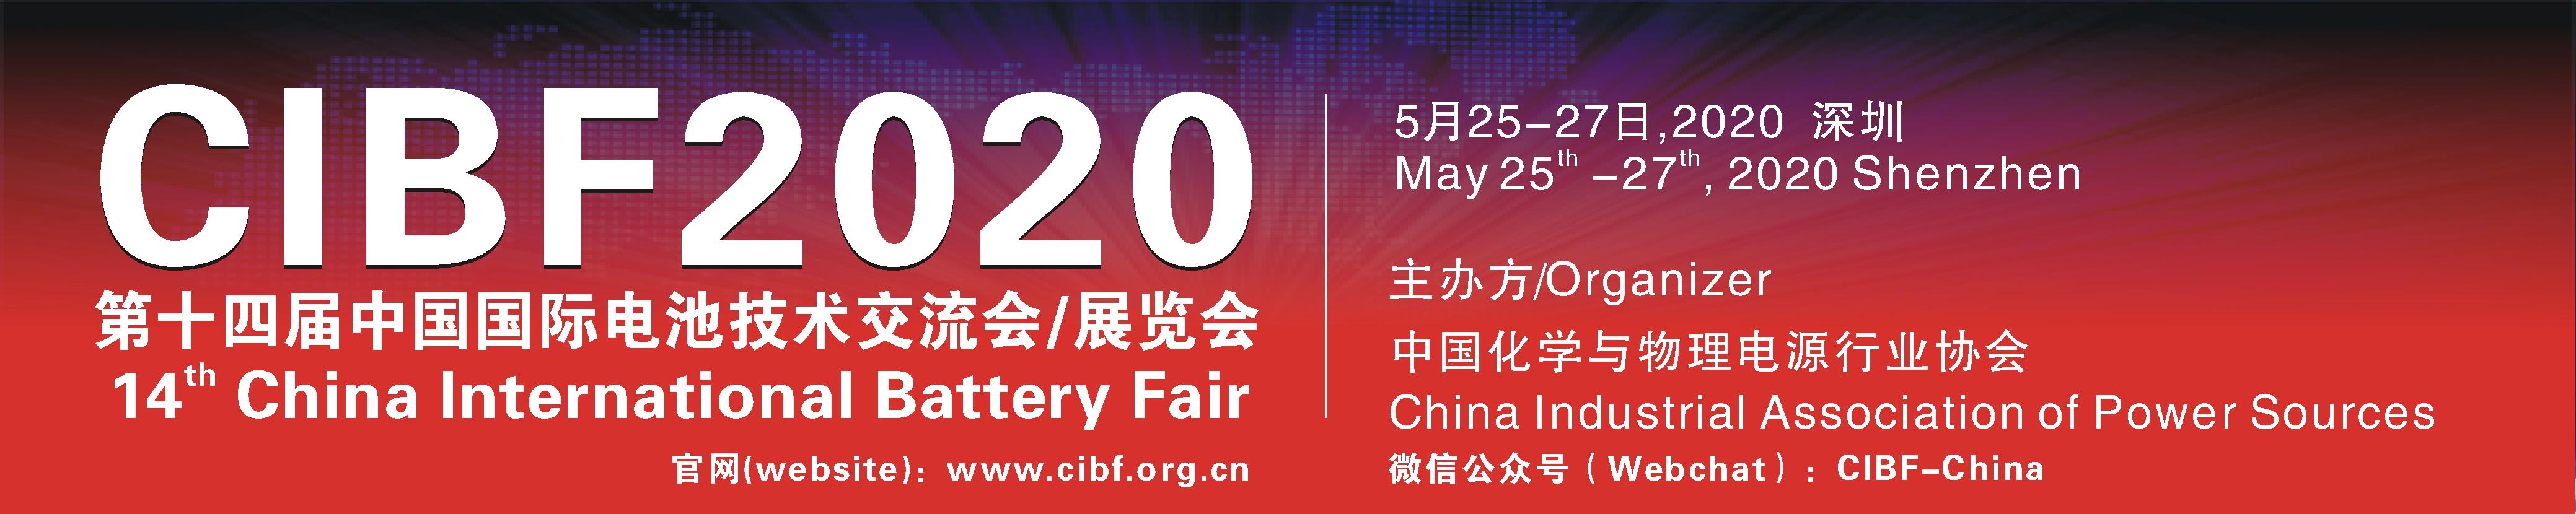 中國國際電池產業合作峰會聚焦碳排新規,全球起航